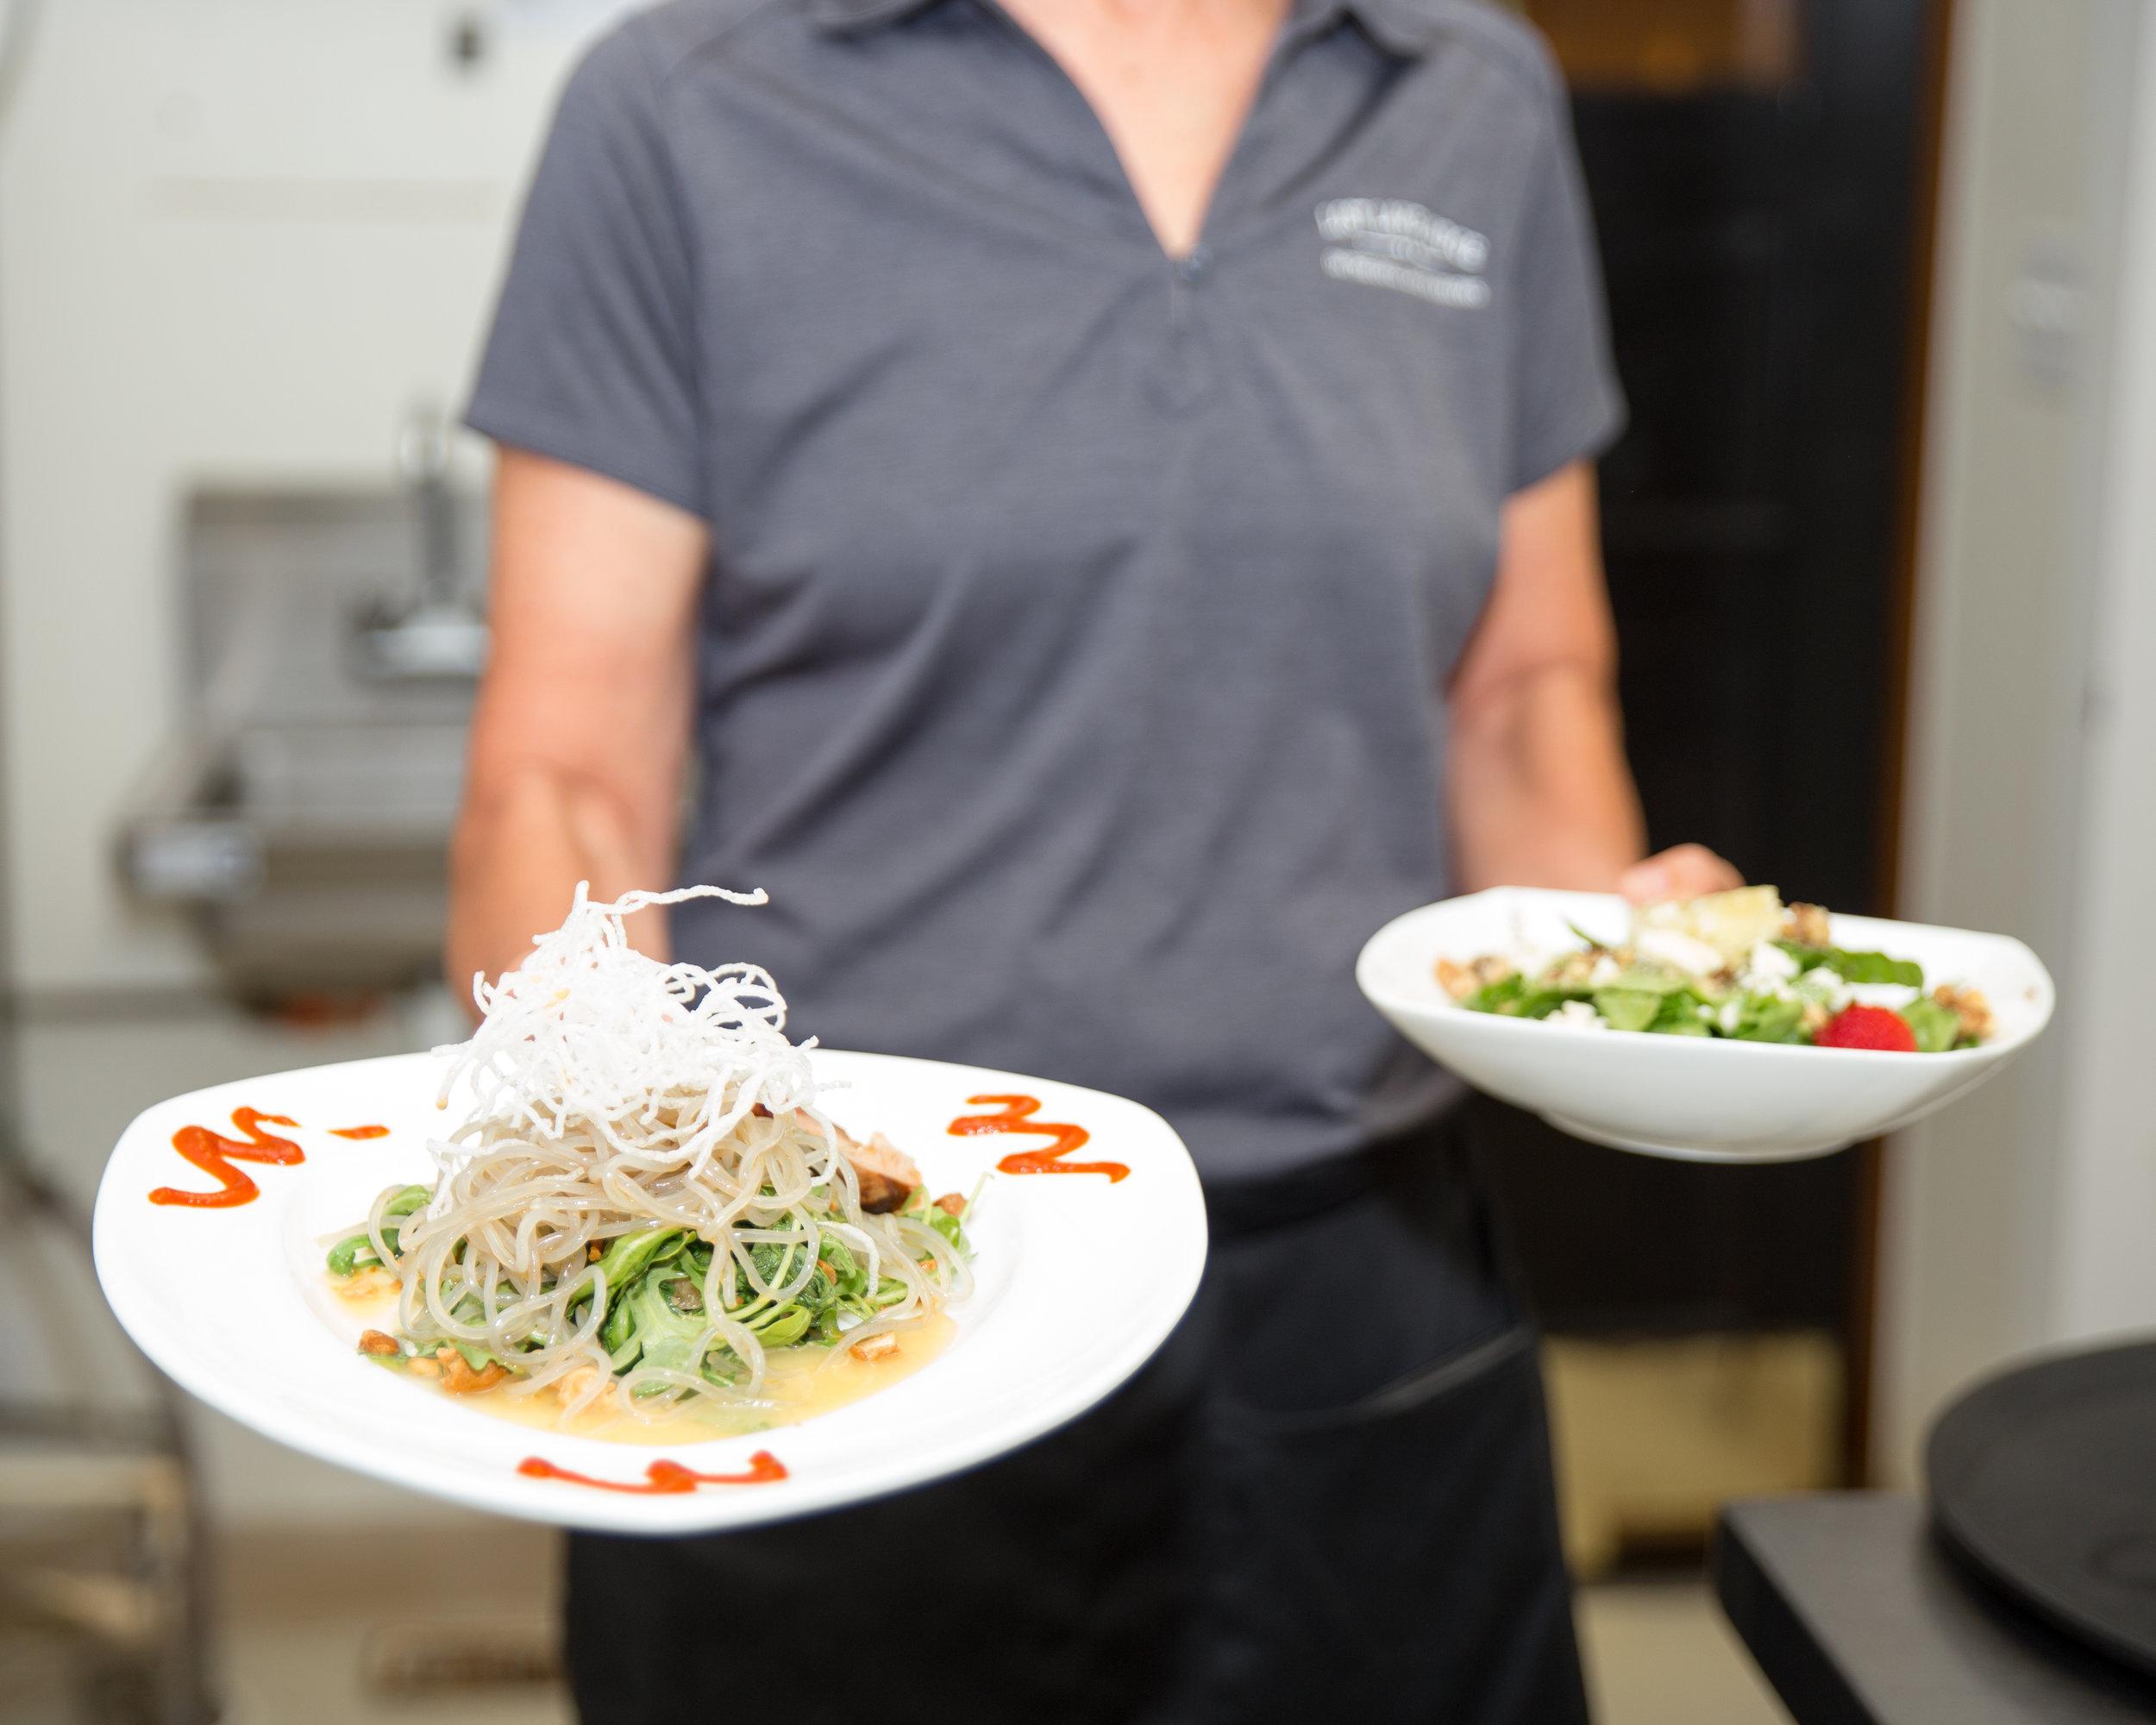 Foodbeingdelivered to table.jpg